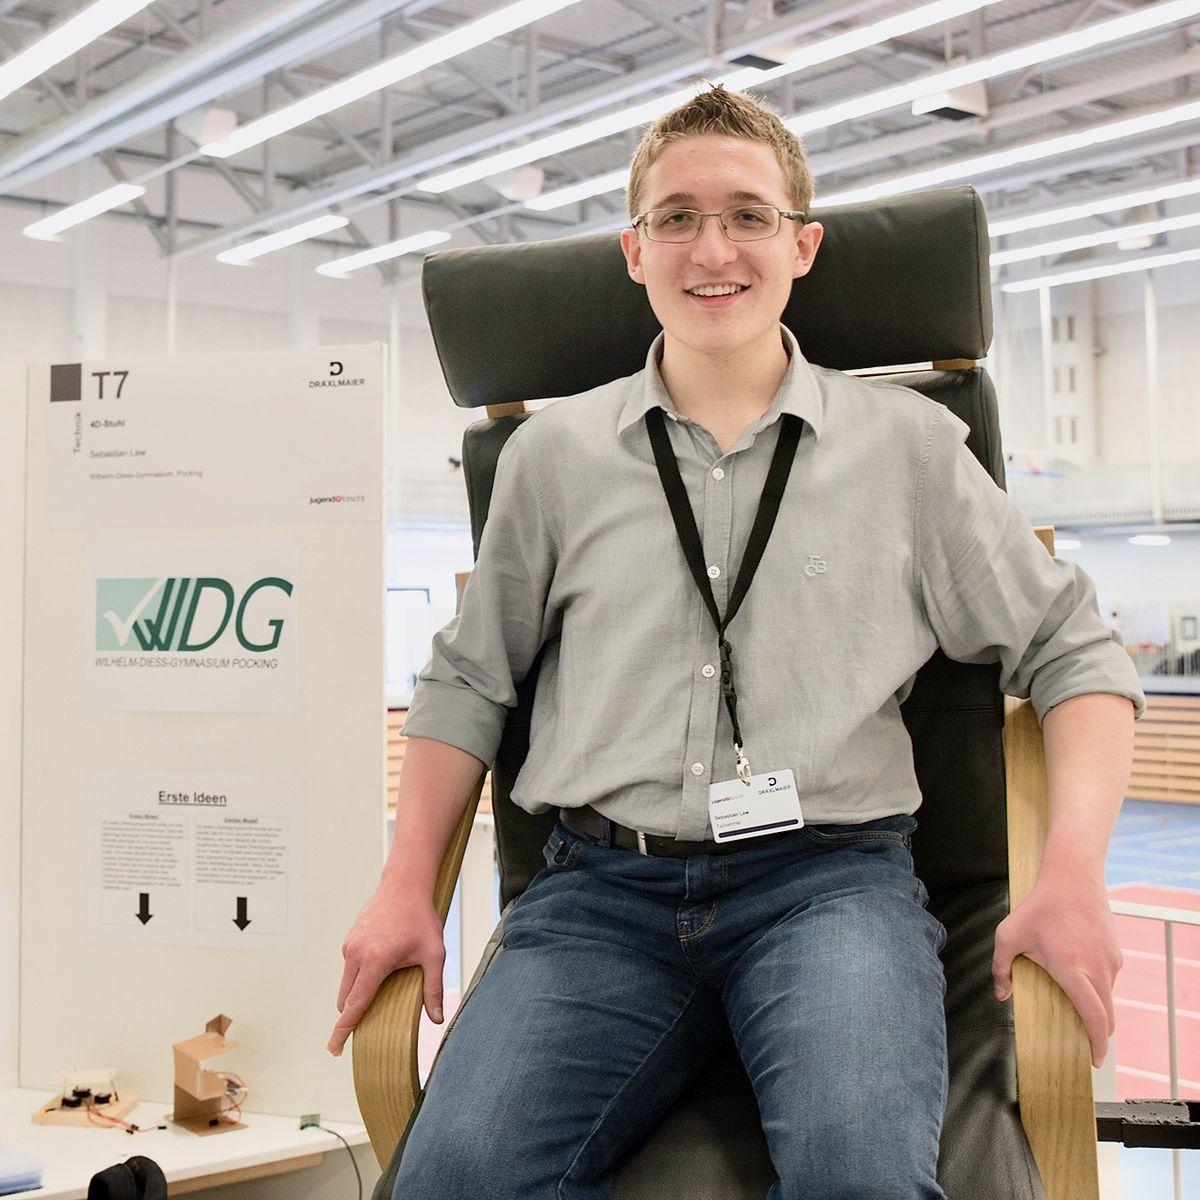 """Sebastian Lew entwickelte in mehr als 1.000 Arbeitsstunden einen 4D-Stuhl, der ihm bei """"Jugend forscht"""" einen Sonderpreis bescherte."""